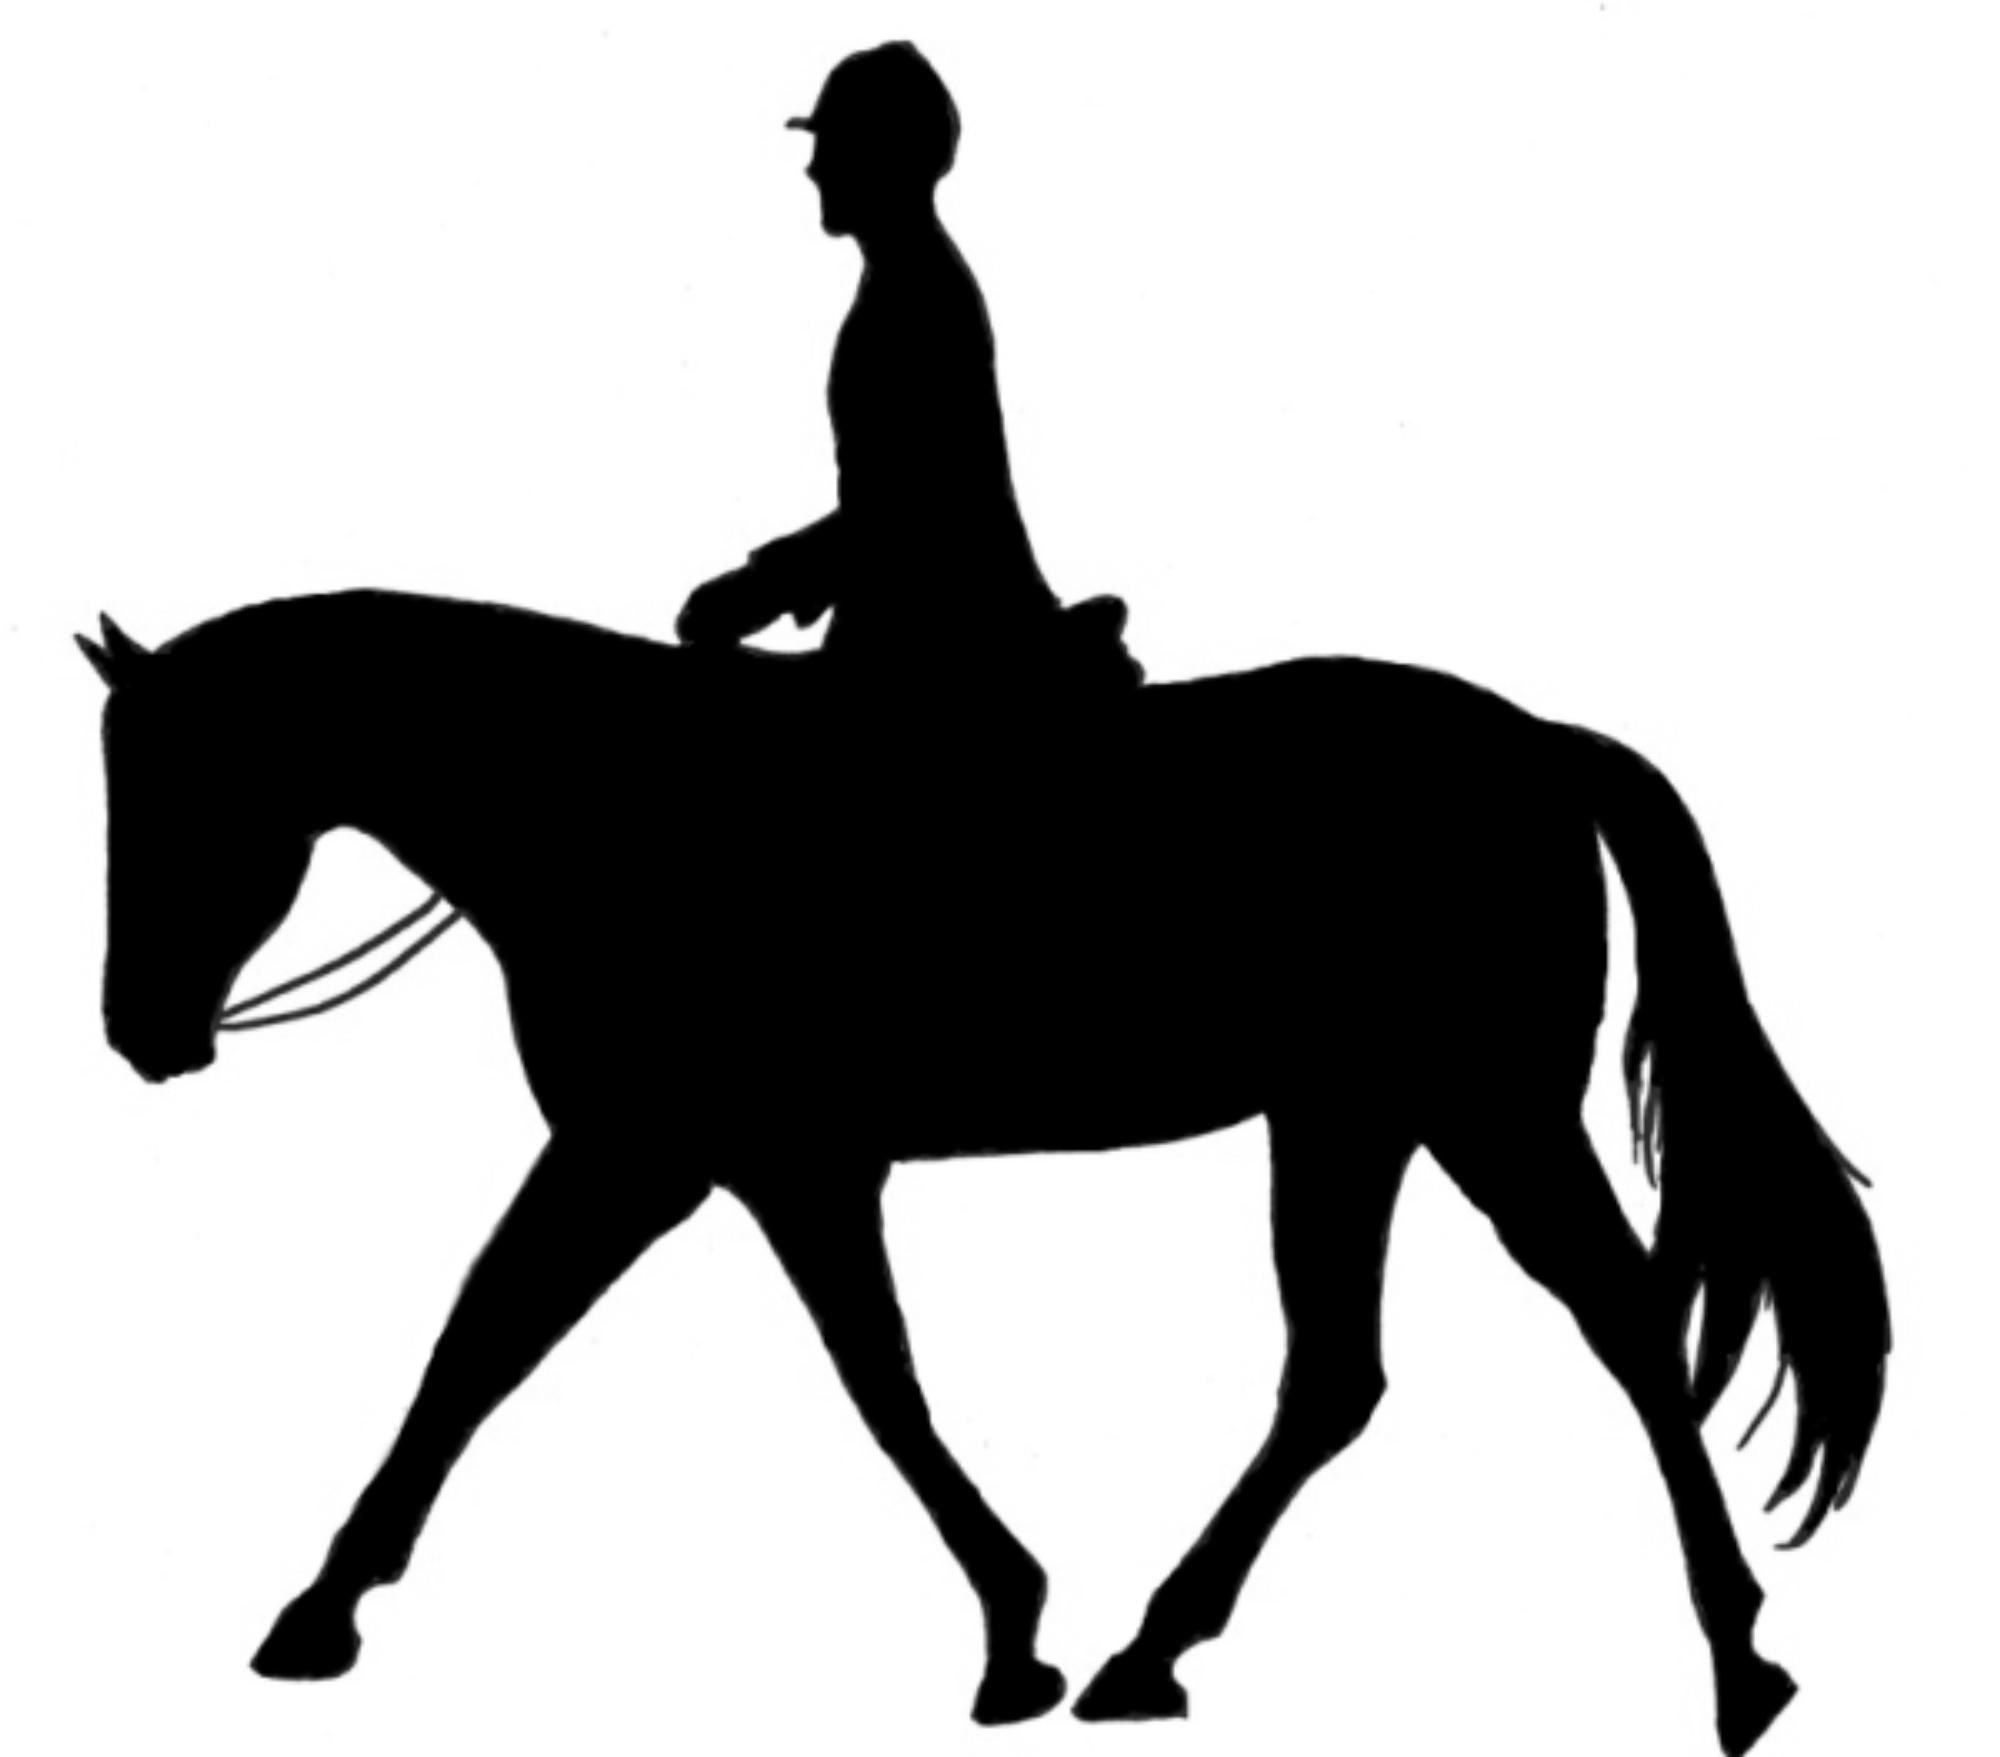 clip art girl riding horse - photo #24